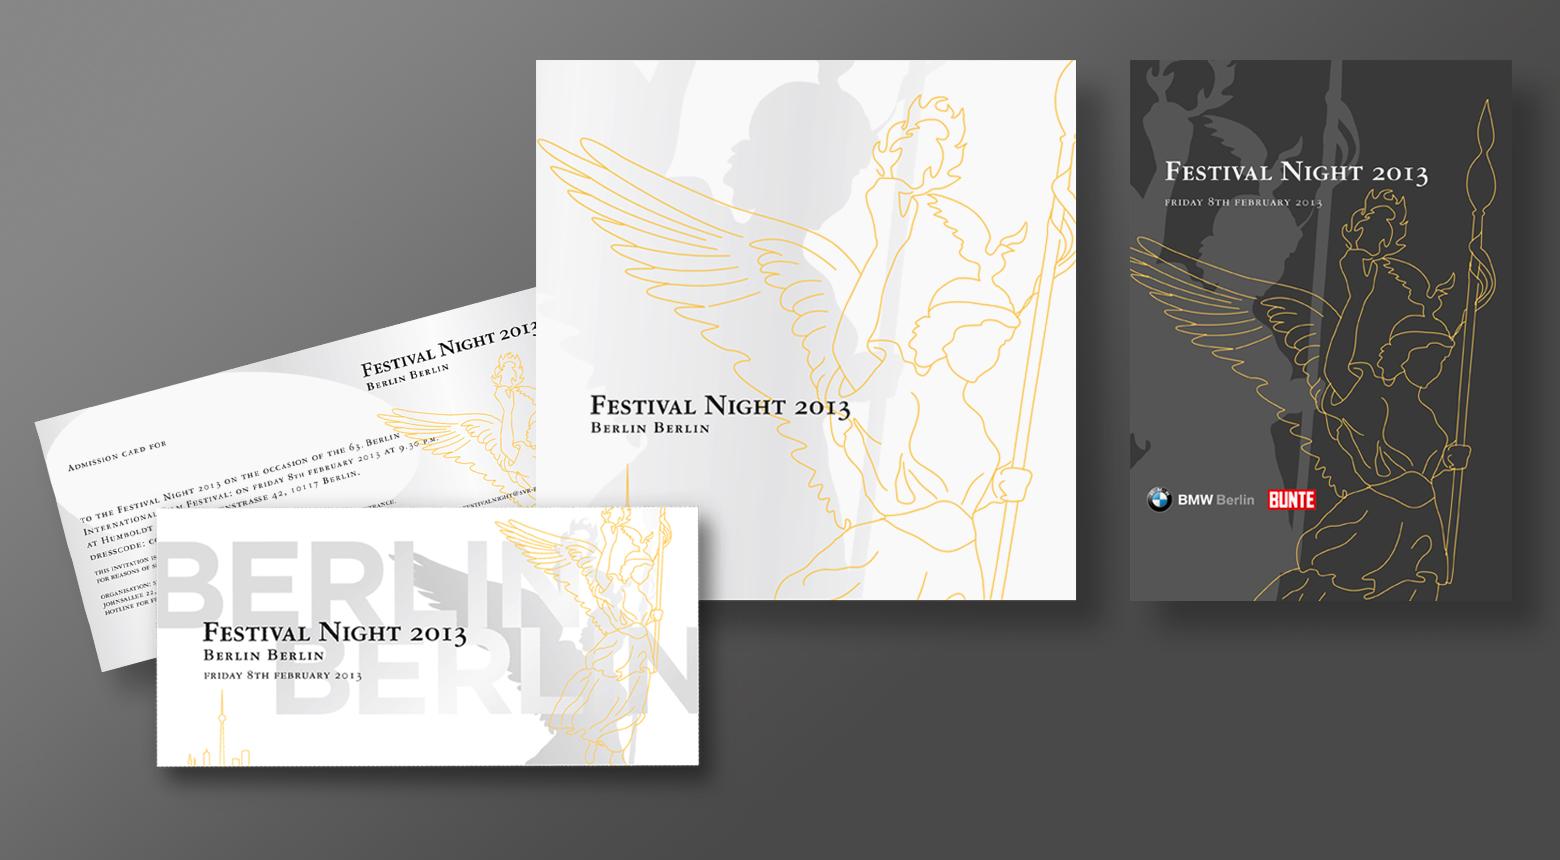 Festival Night 2013 – BURDA